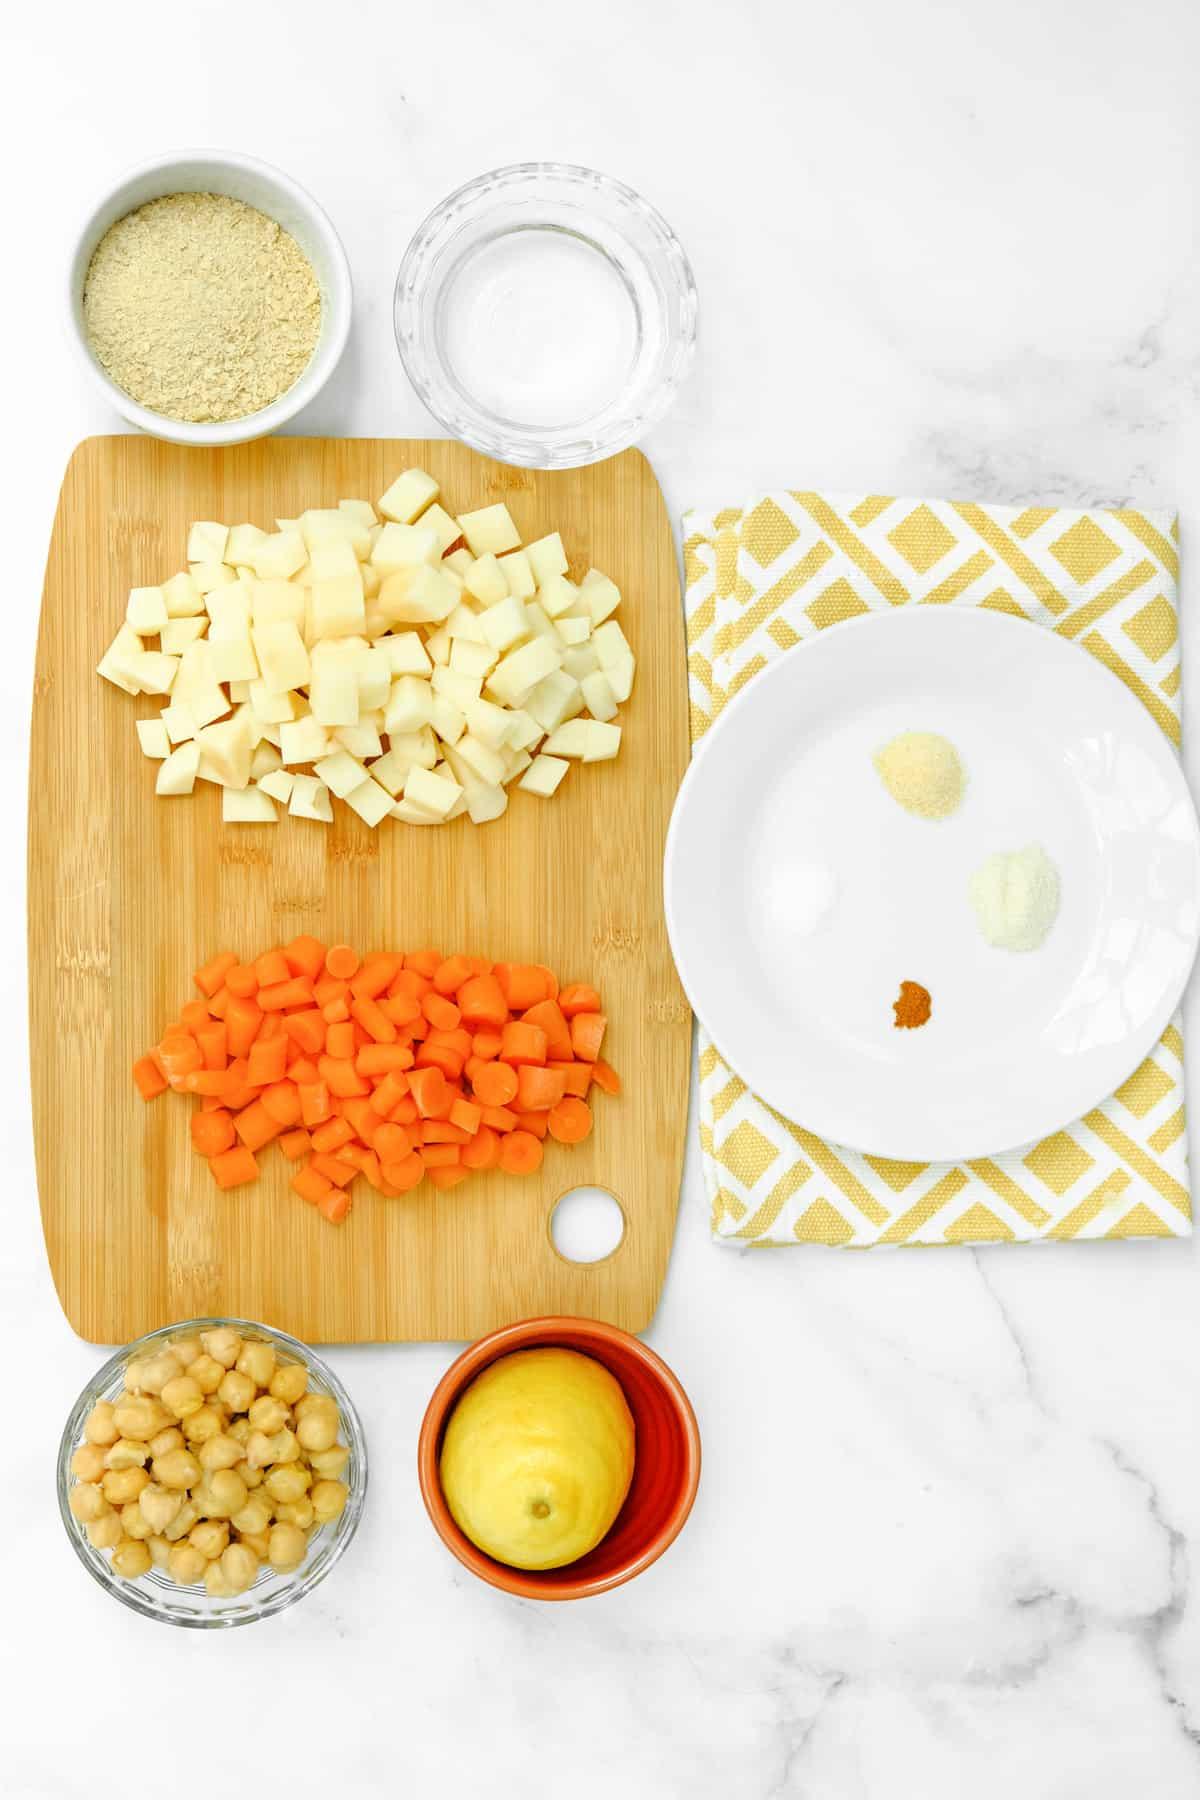 vegan cheese ingredients